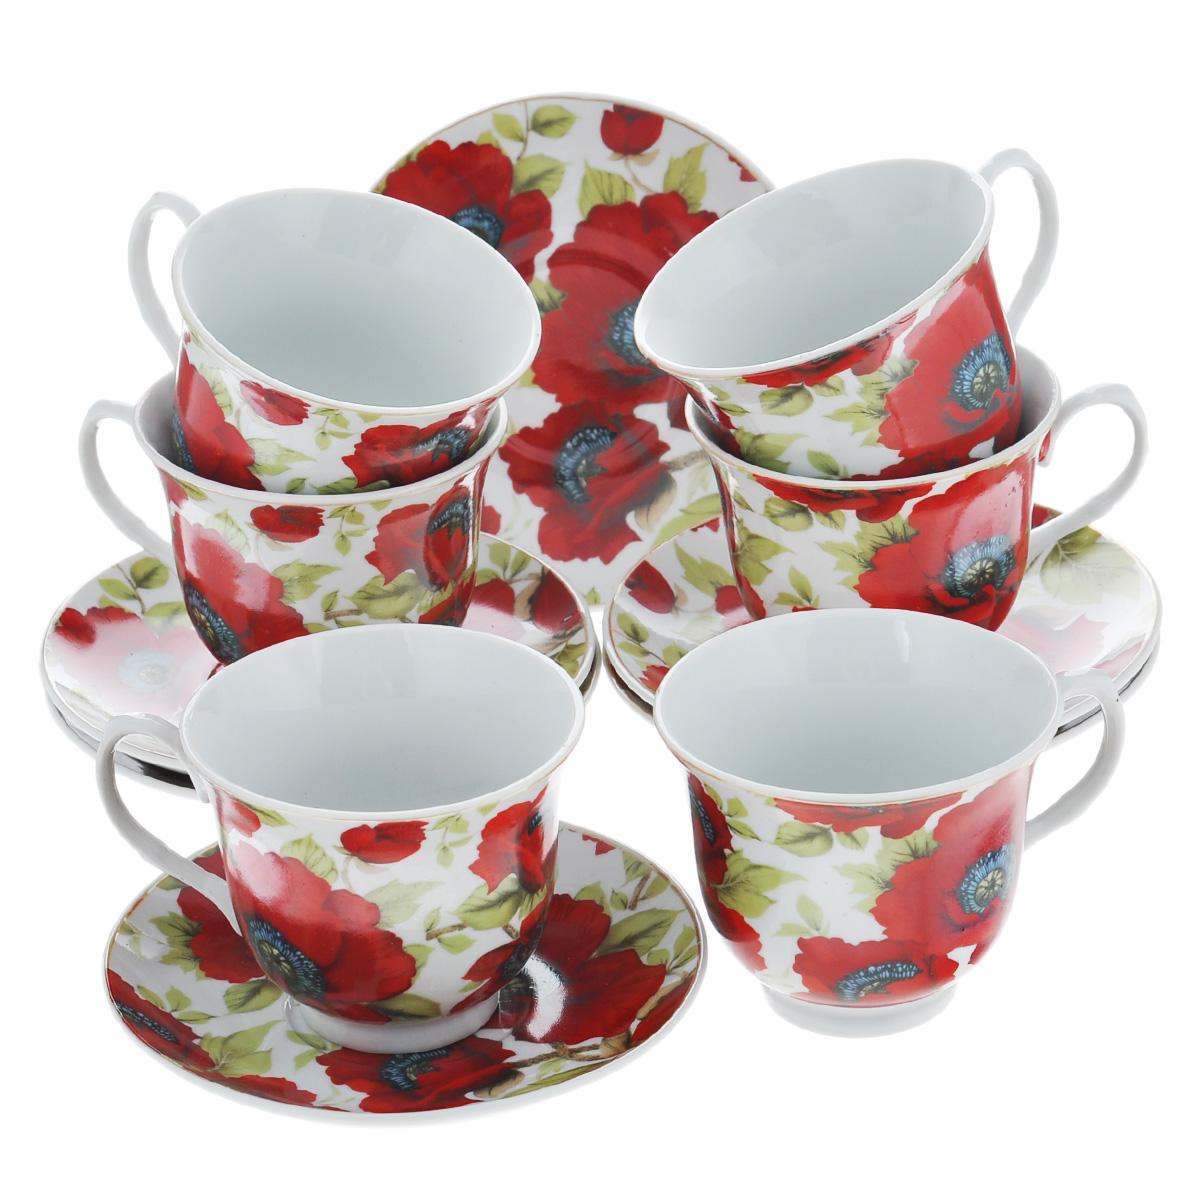 Набор чайный Bekker, 12 предметов. BK-5976BK-5976Чайный набор Bekker состоит из шести чашек и шести блюдец. Предметы набора изготовлены из высококачественного фарфора белого цвета и украшены ярким изображением красных маков. Чайный набор яркого и в тоже время лаконичного дизайна украсит интерьер кухни и сделает ежедневное чаепитие настоящим праздником. Набор упакован в подарочную картонную коробку золотистого цвета. Подходит для мытья в посудомоечной машине.